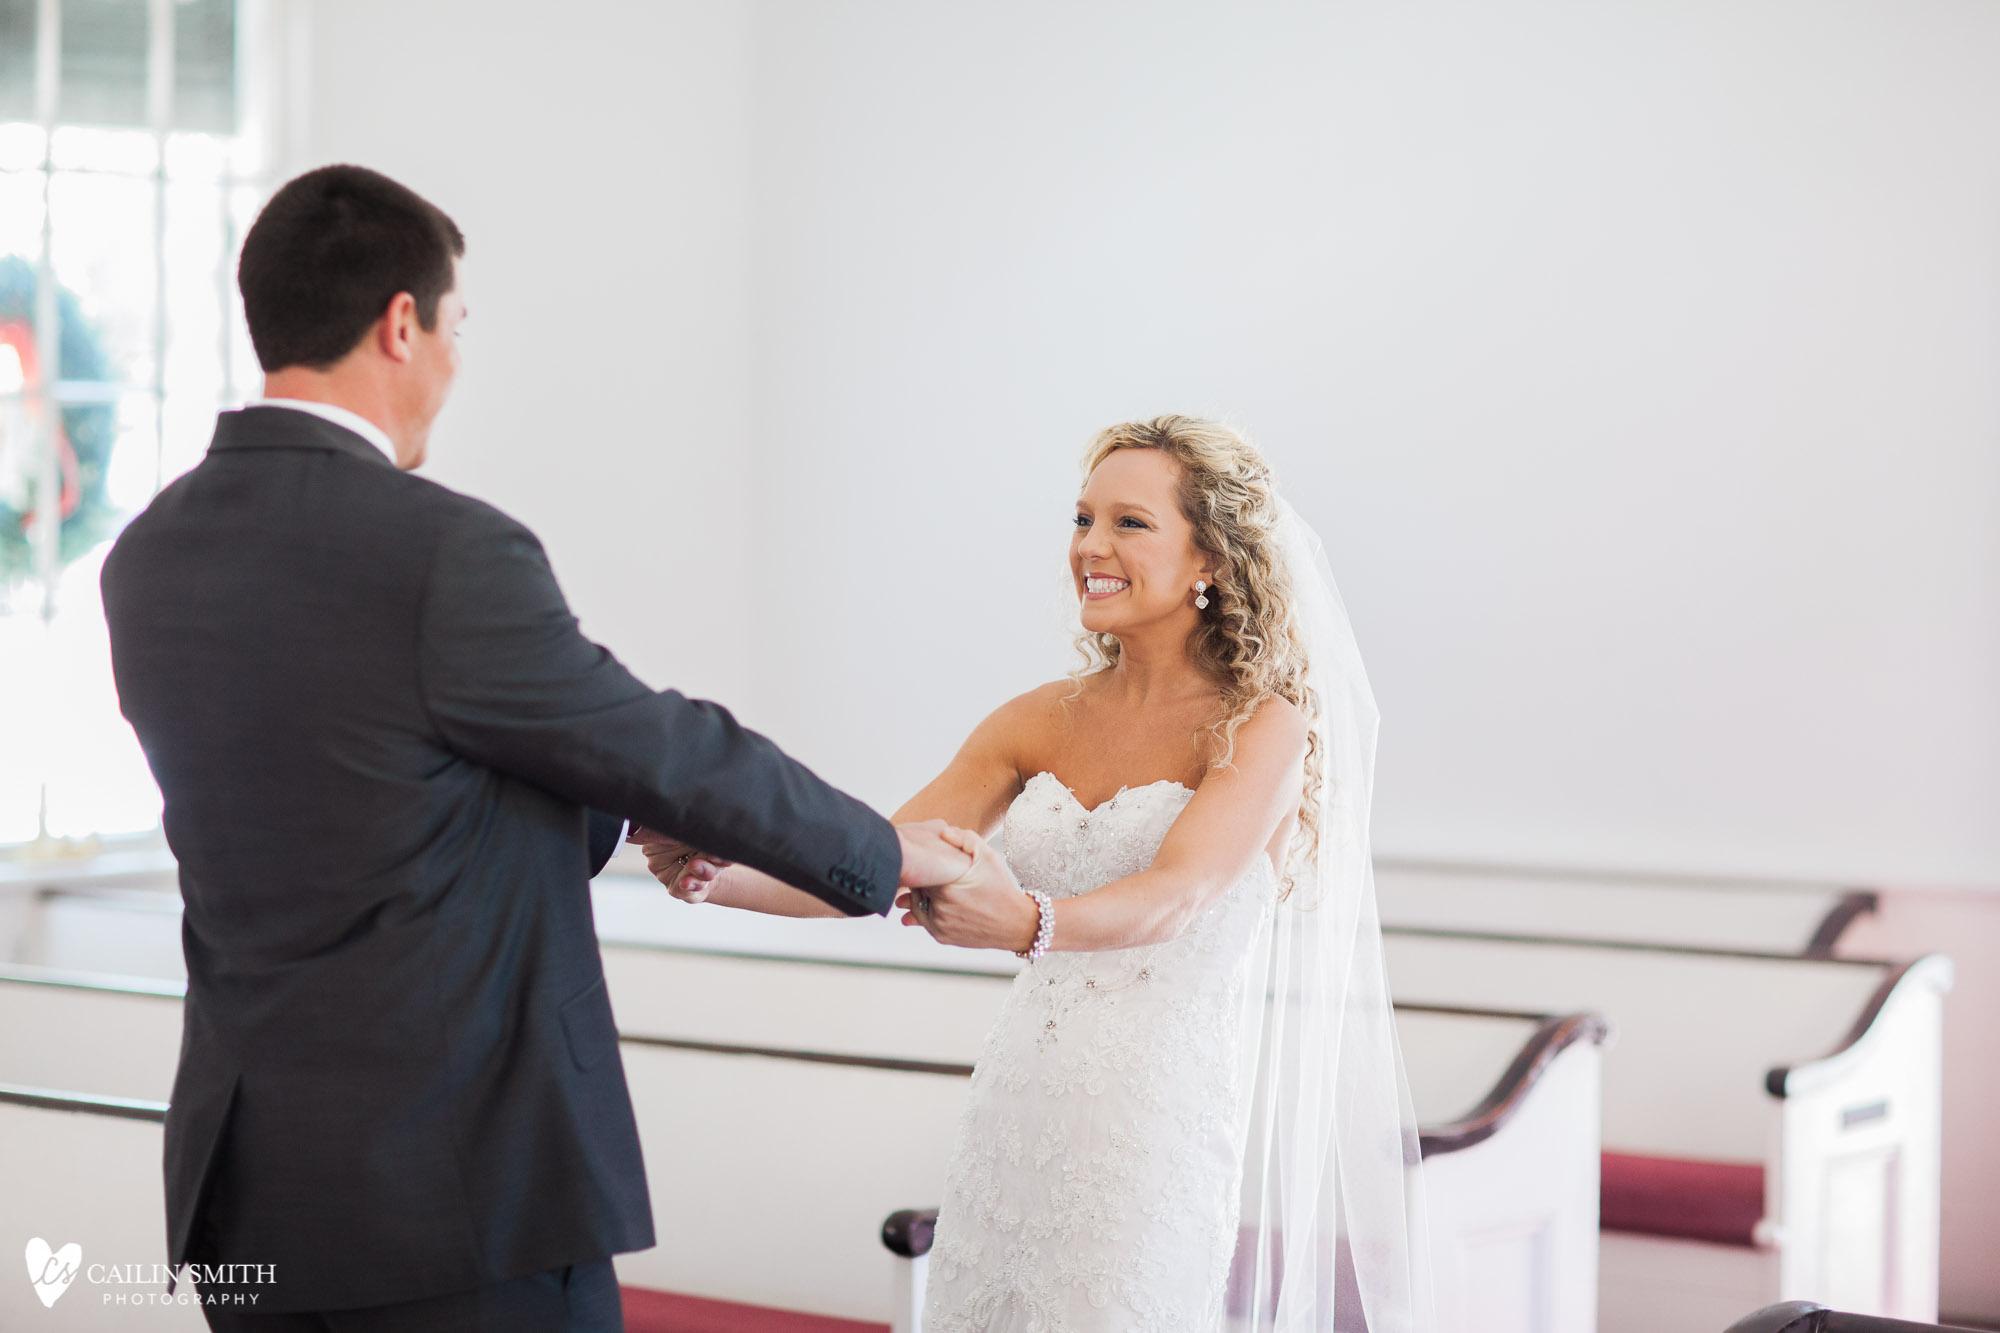 Leah_Major_St_Marys_Wedding_Photography_030.jpg